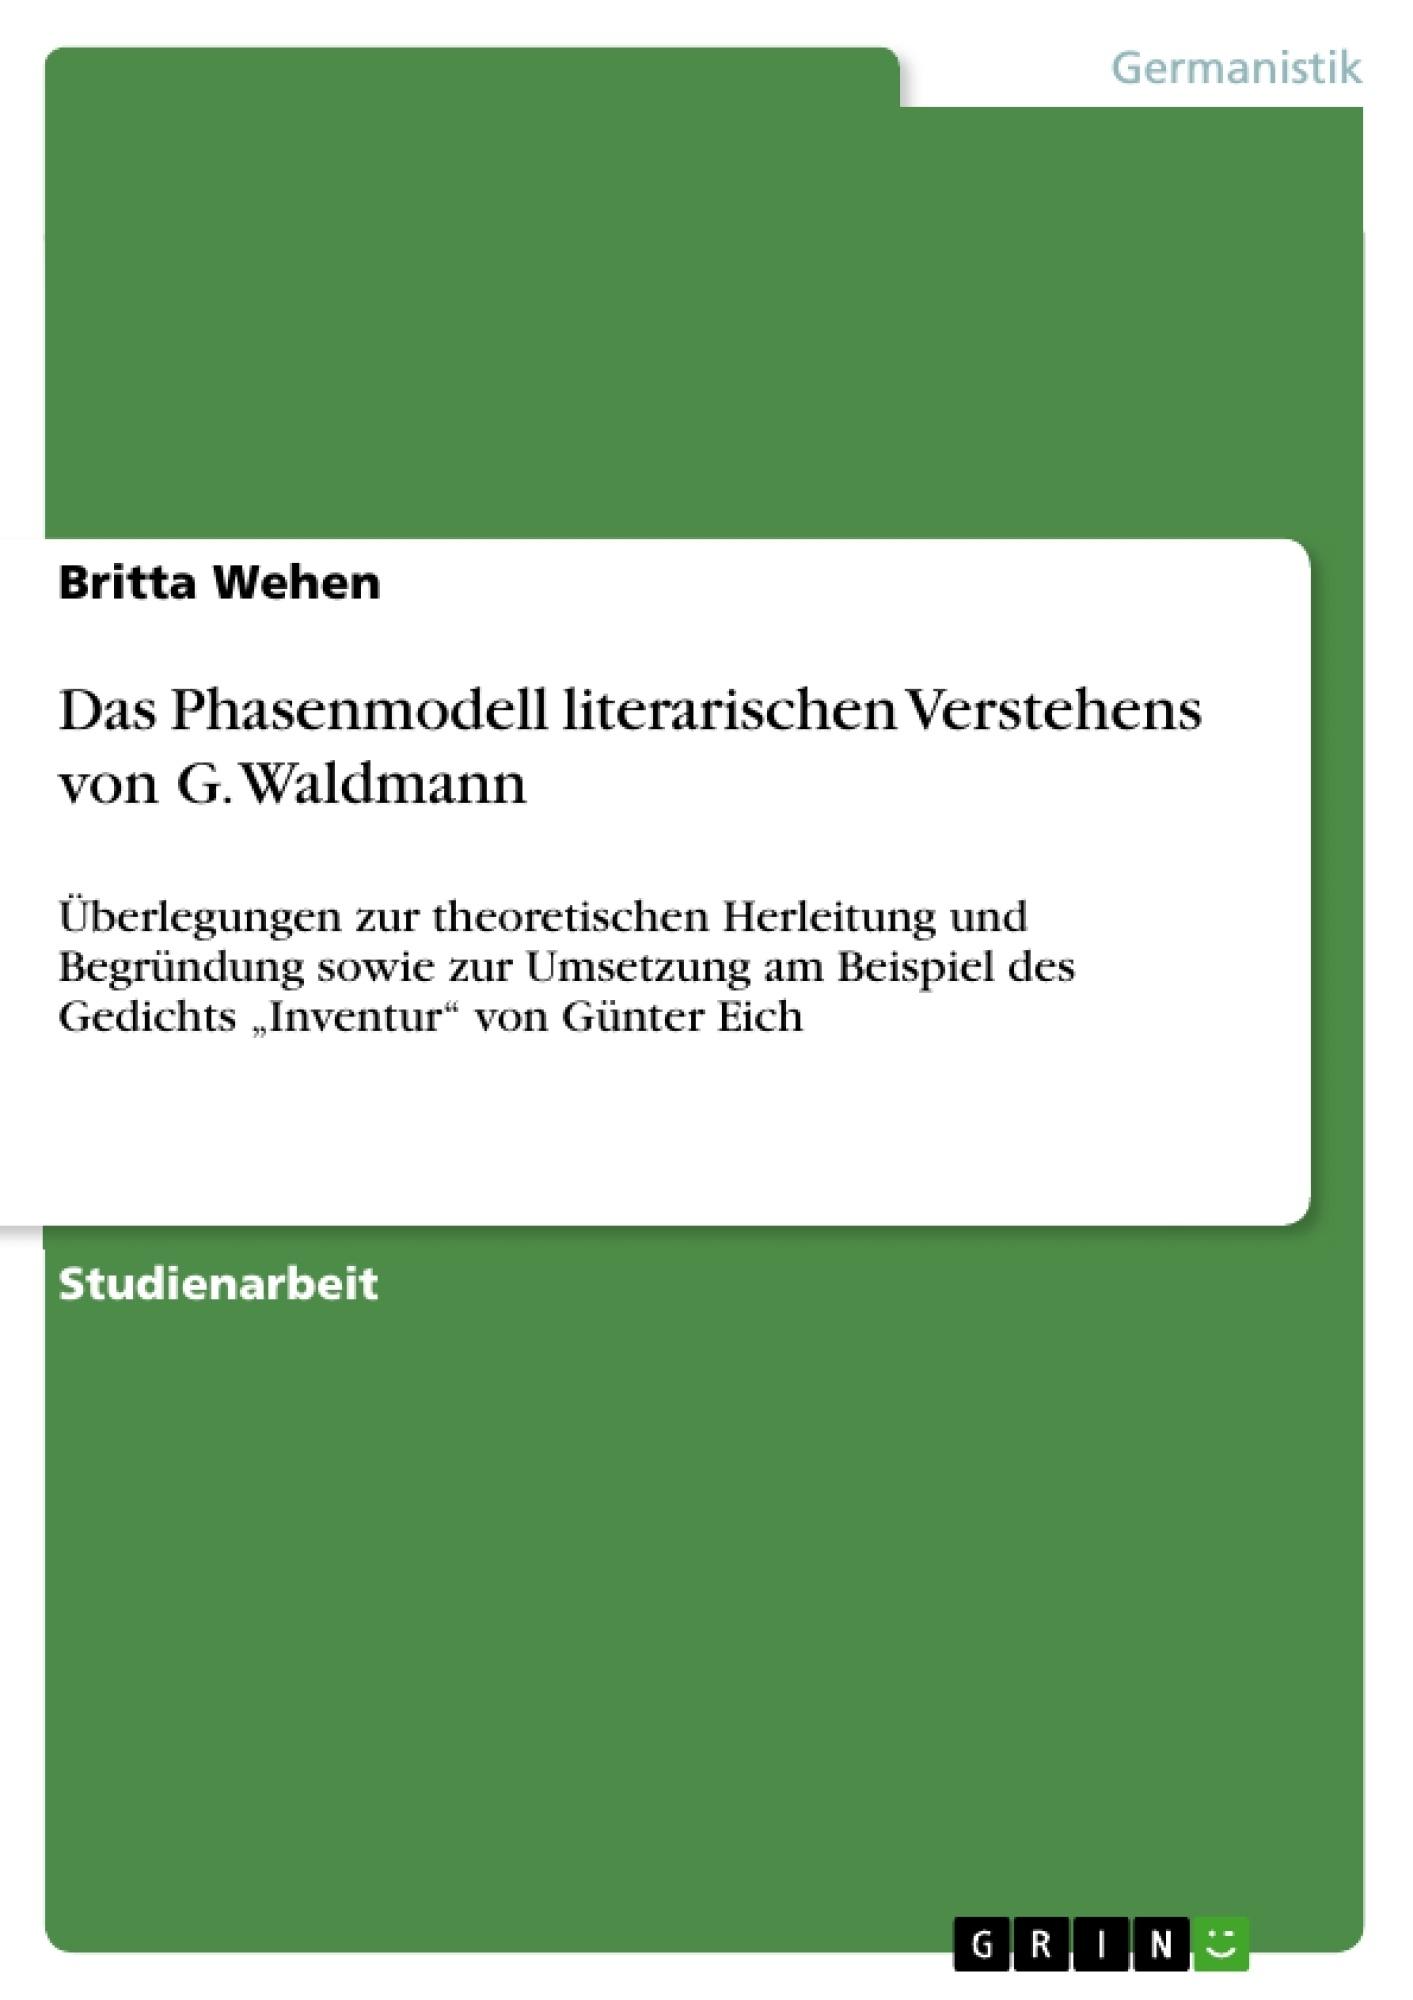 Titel: Das Phasenmodell literarischen Verstehens von G. Waldmann